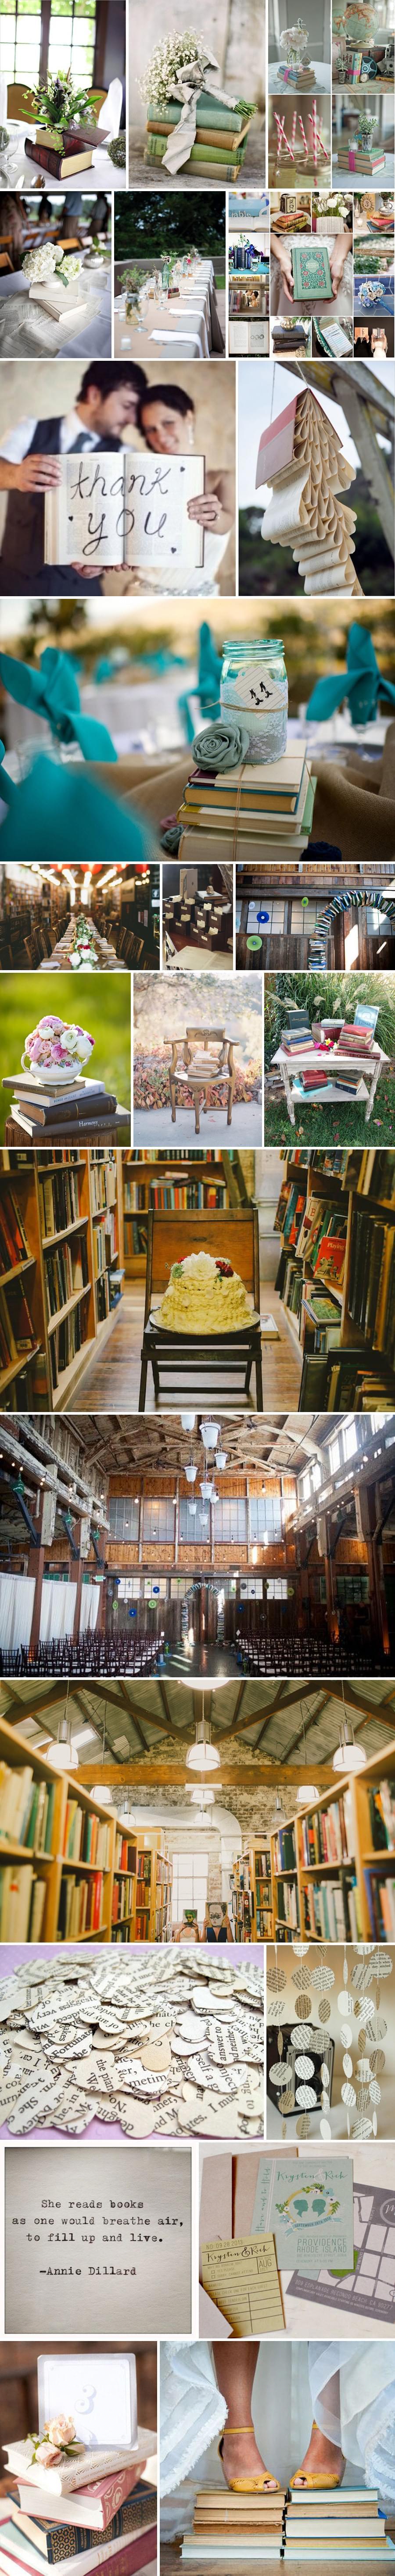 3 inne nietypowe unikatowe dekoracje książkowe wesele ślub stylowe rustykalne vintage styl